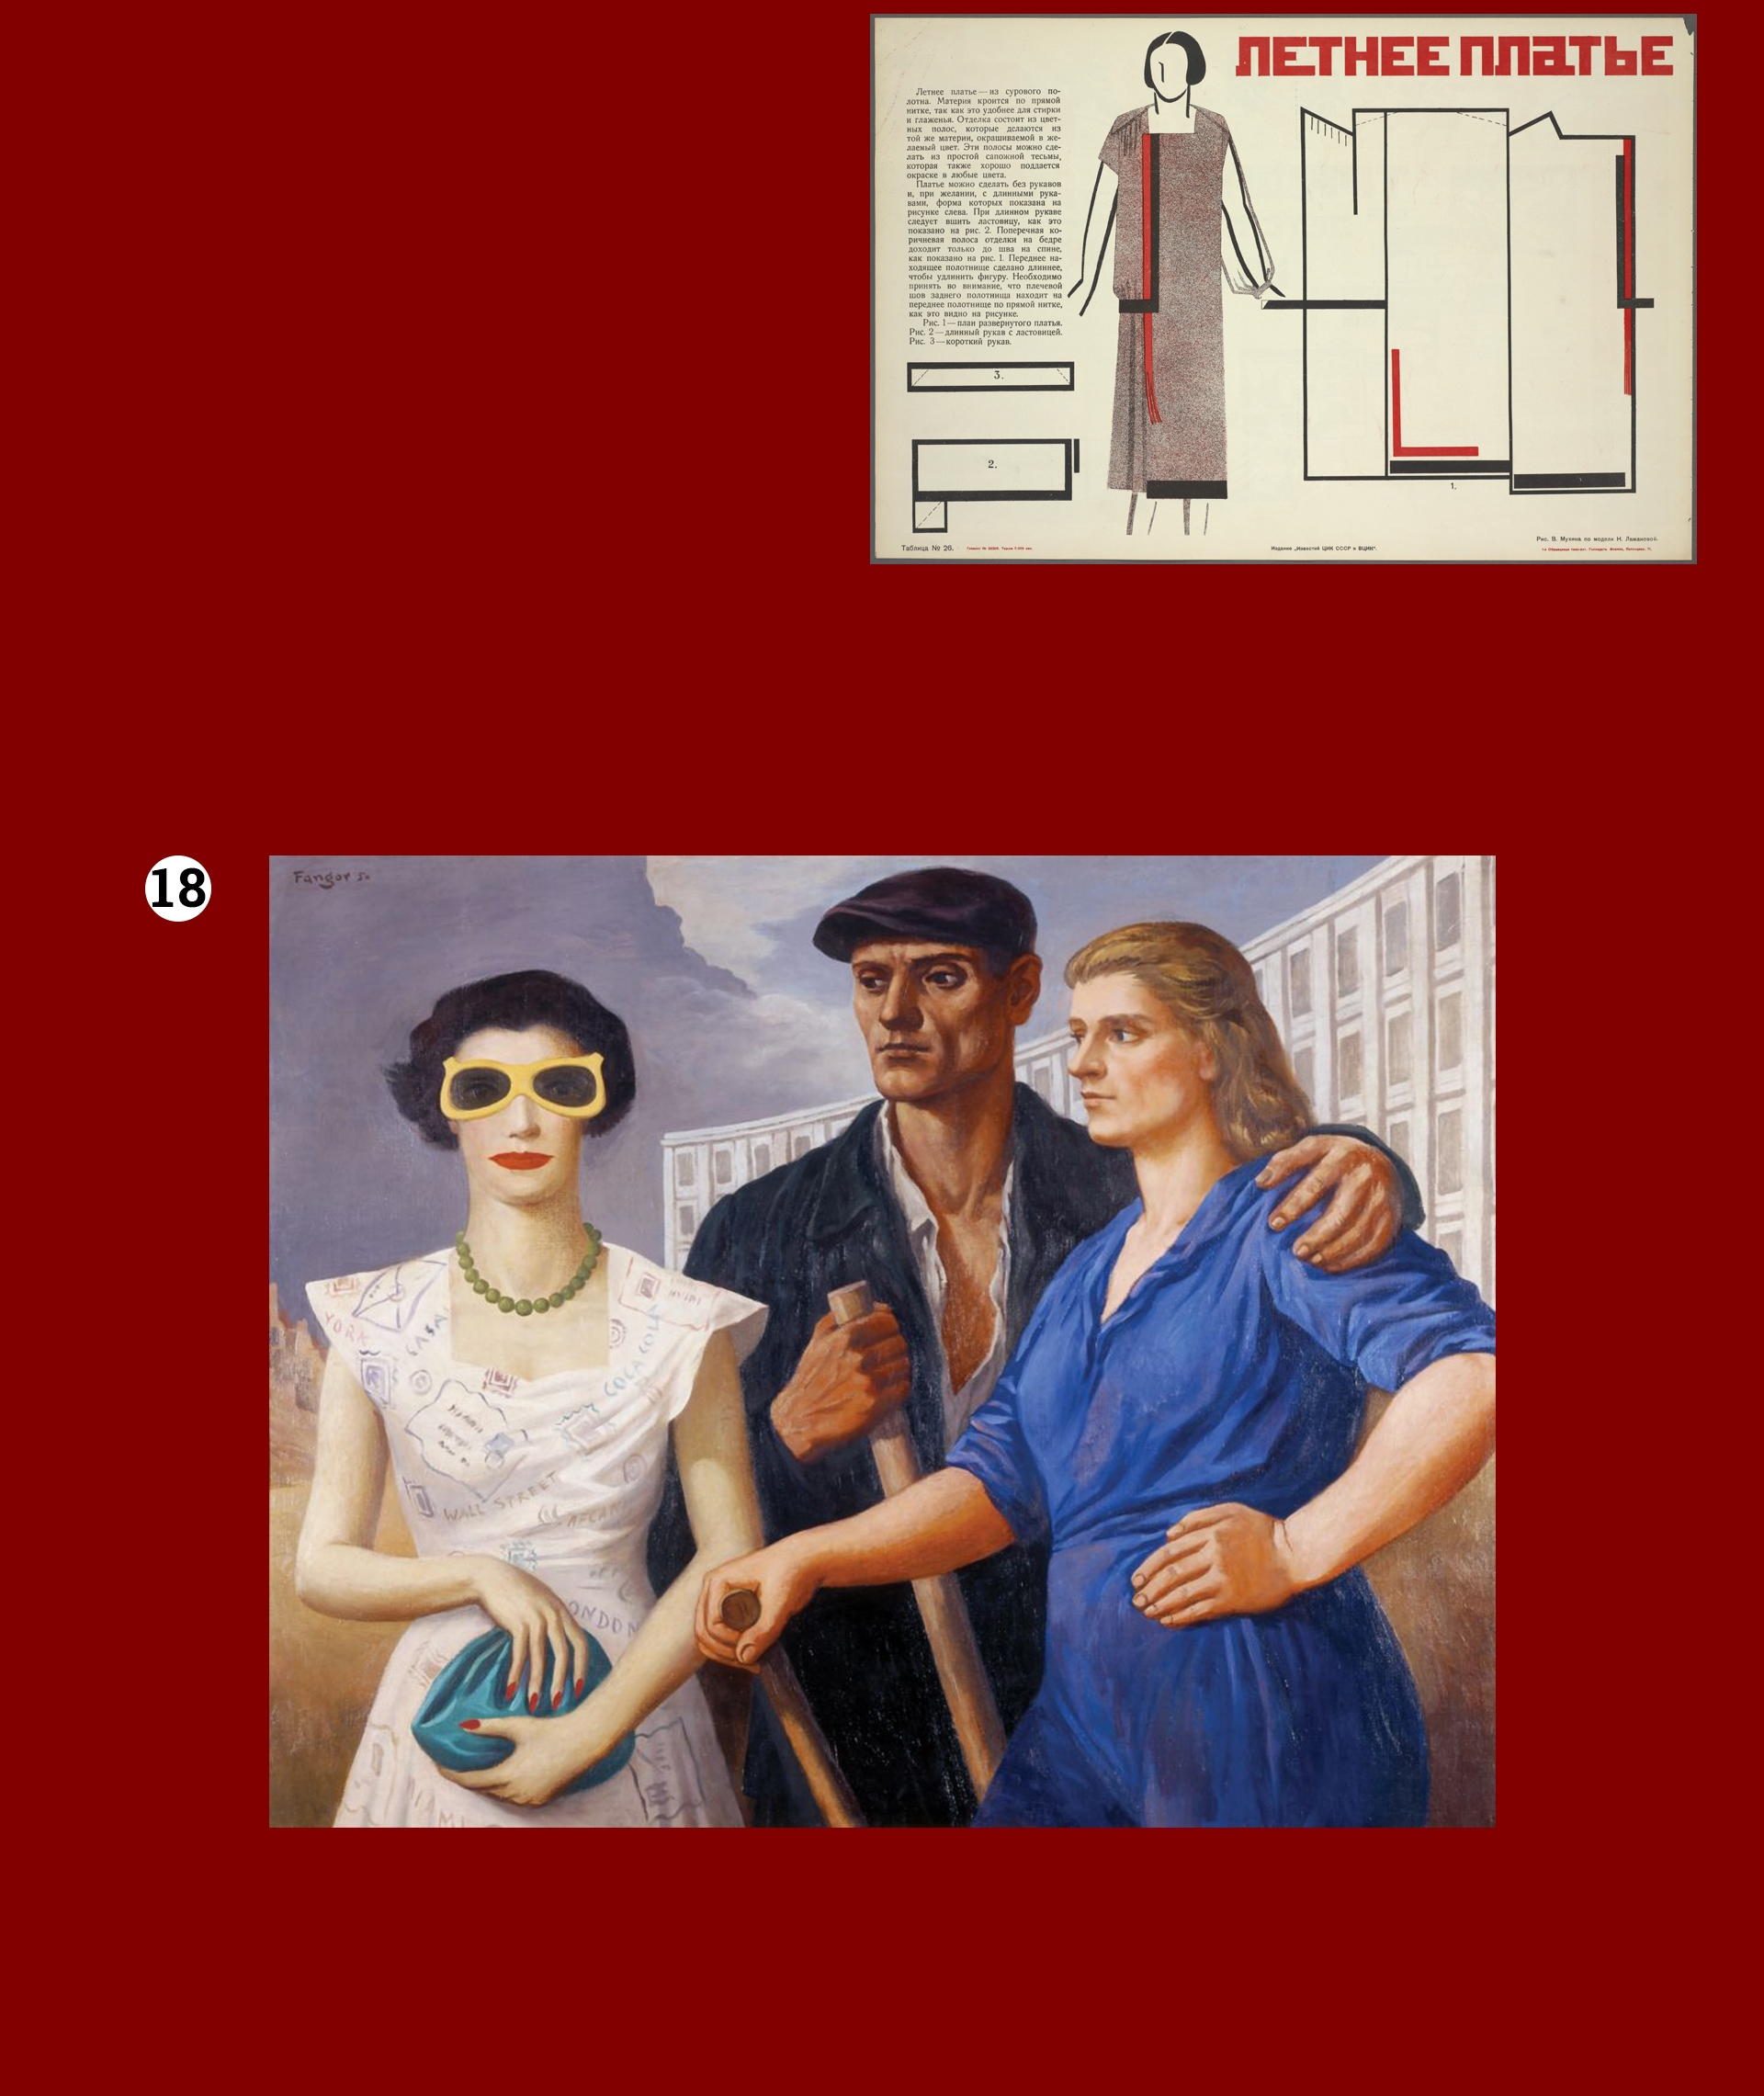 Obraz przedstawia zdjęcie rysunku i obrazu znanego artysty. Całość na bordowym tle.